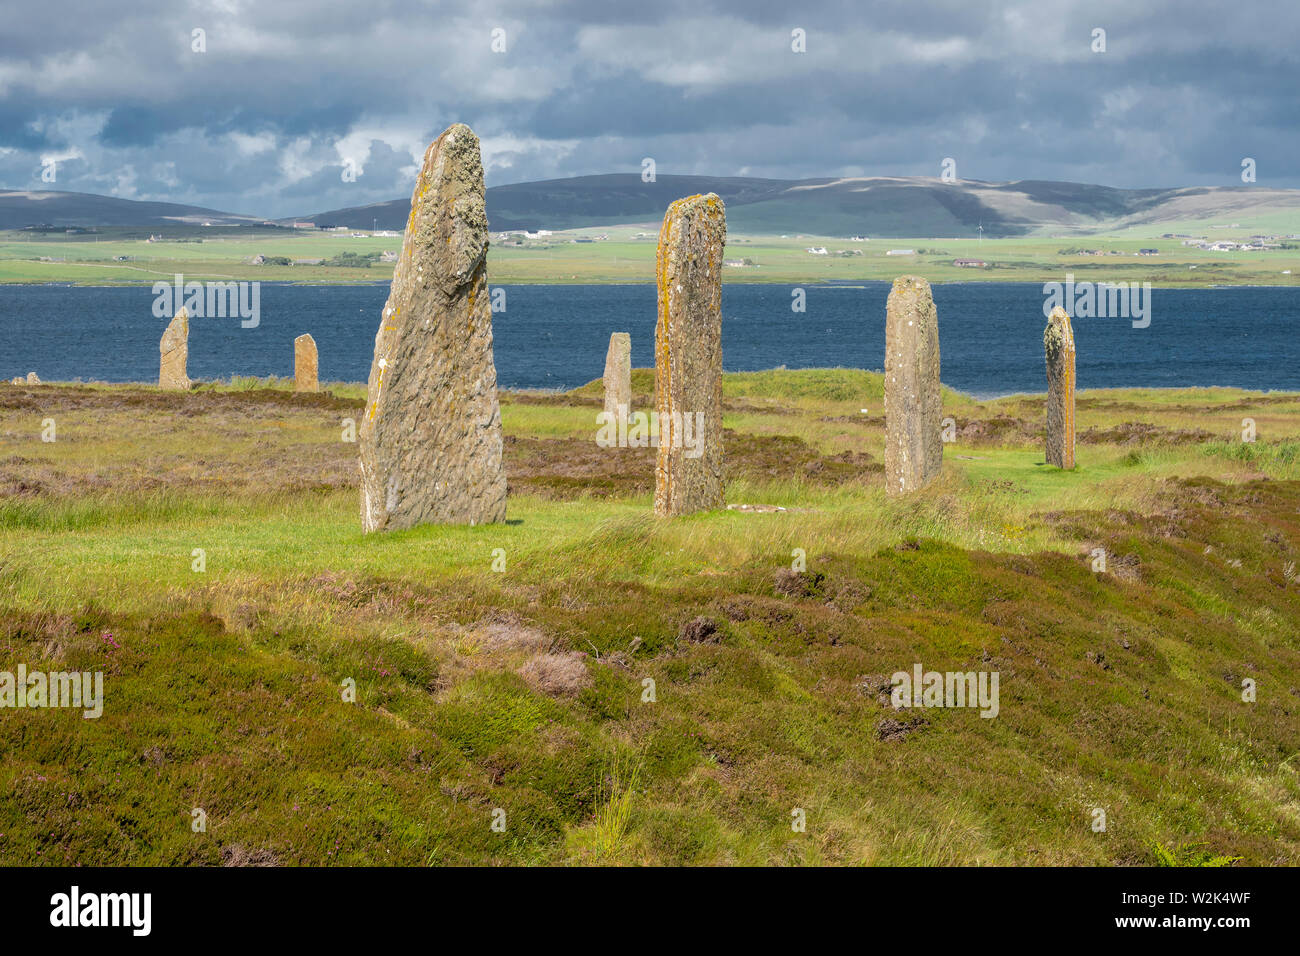 Der Ring von Brodgar ist ein neolithisches Henge und Stone Circle ca. 6 km nord-östlich von Stromness auf dem Festland, der größten Insel Orkney, Scotlan Stockfoto